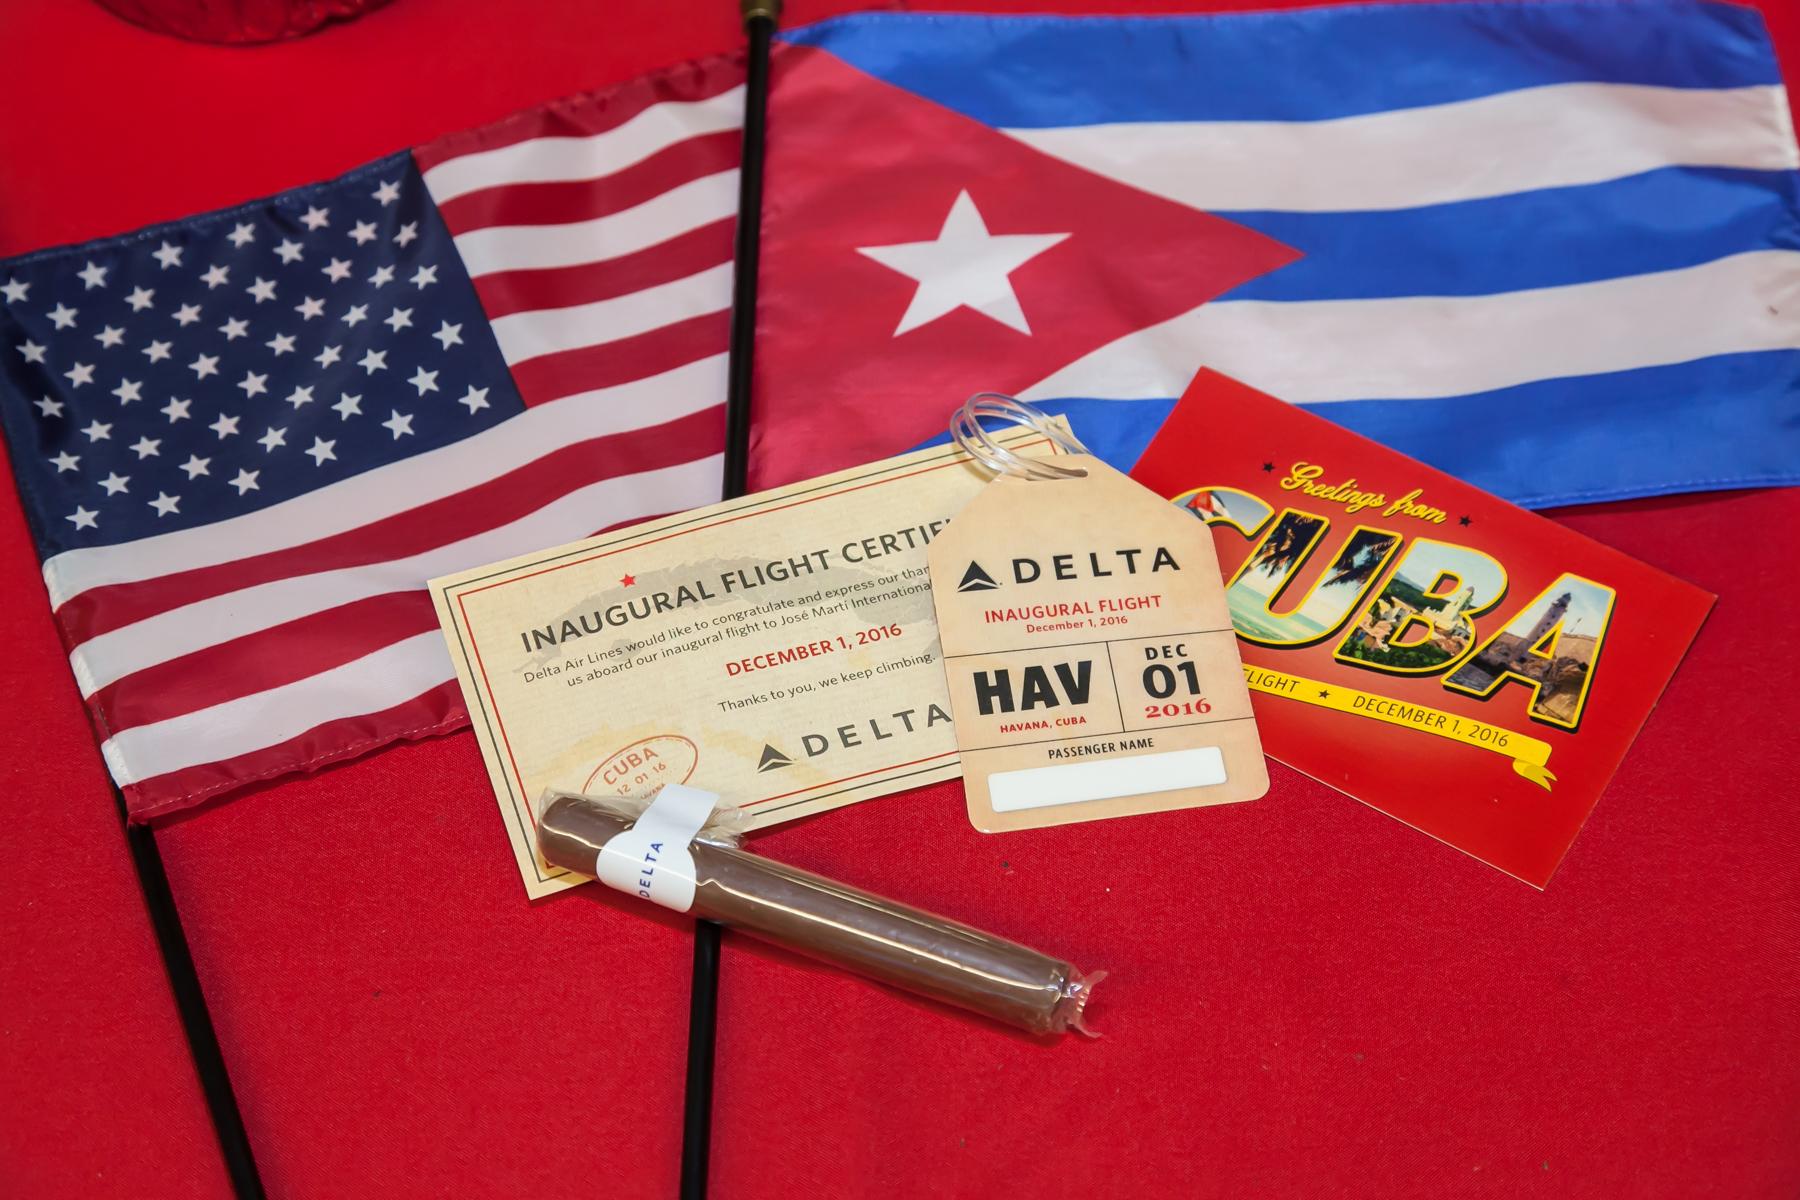 Gift to customers flying to Havana